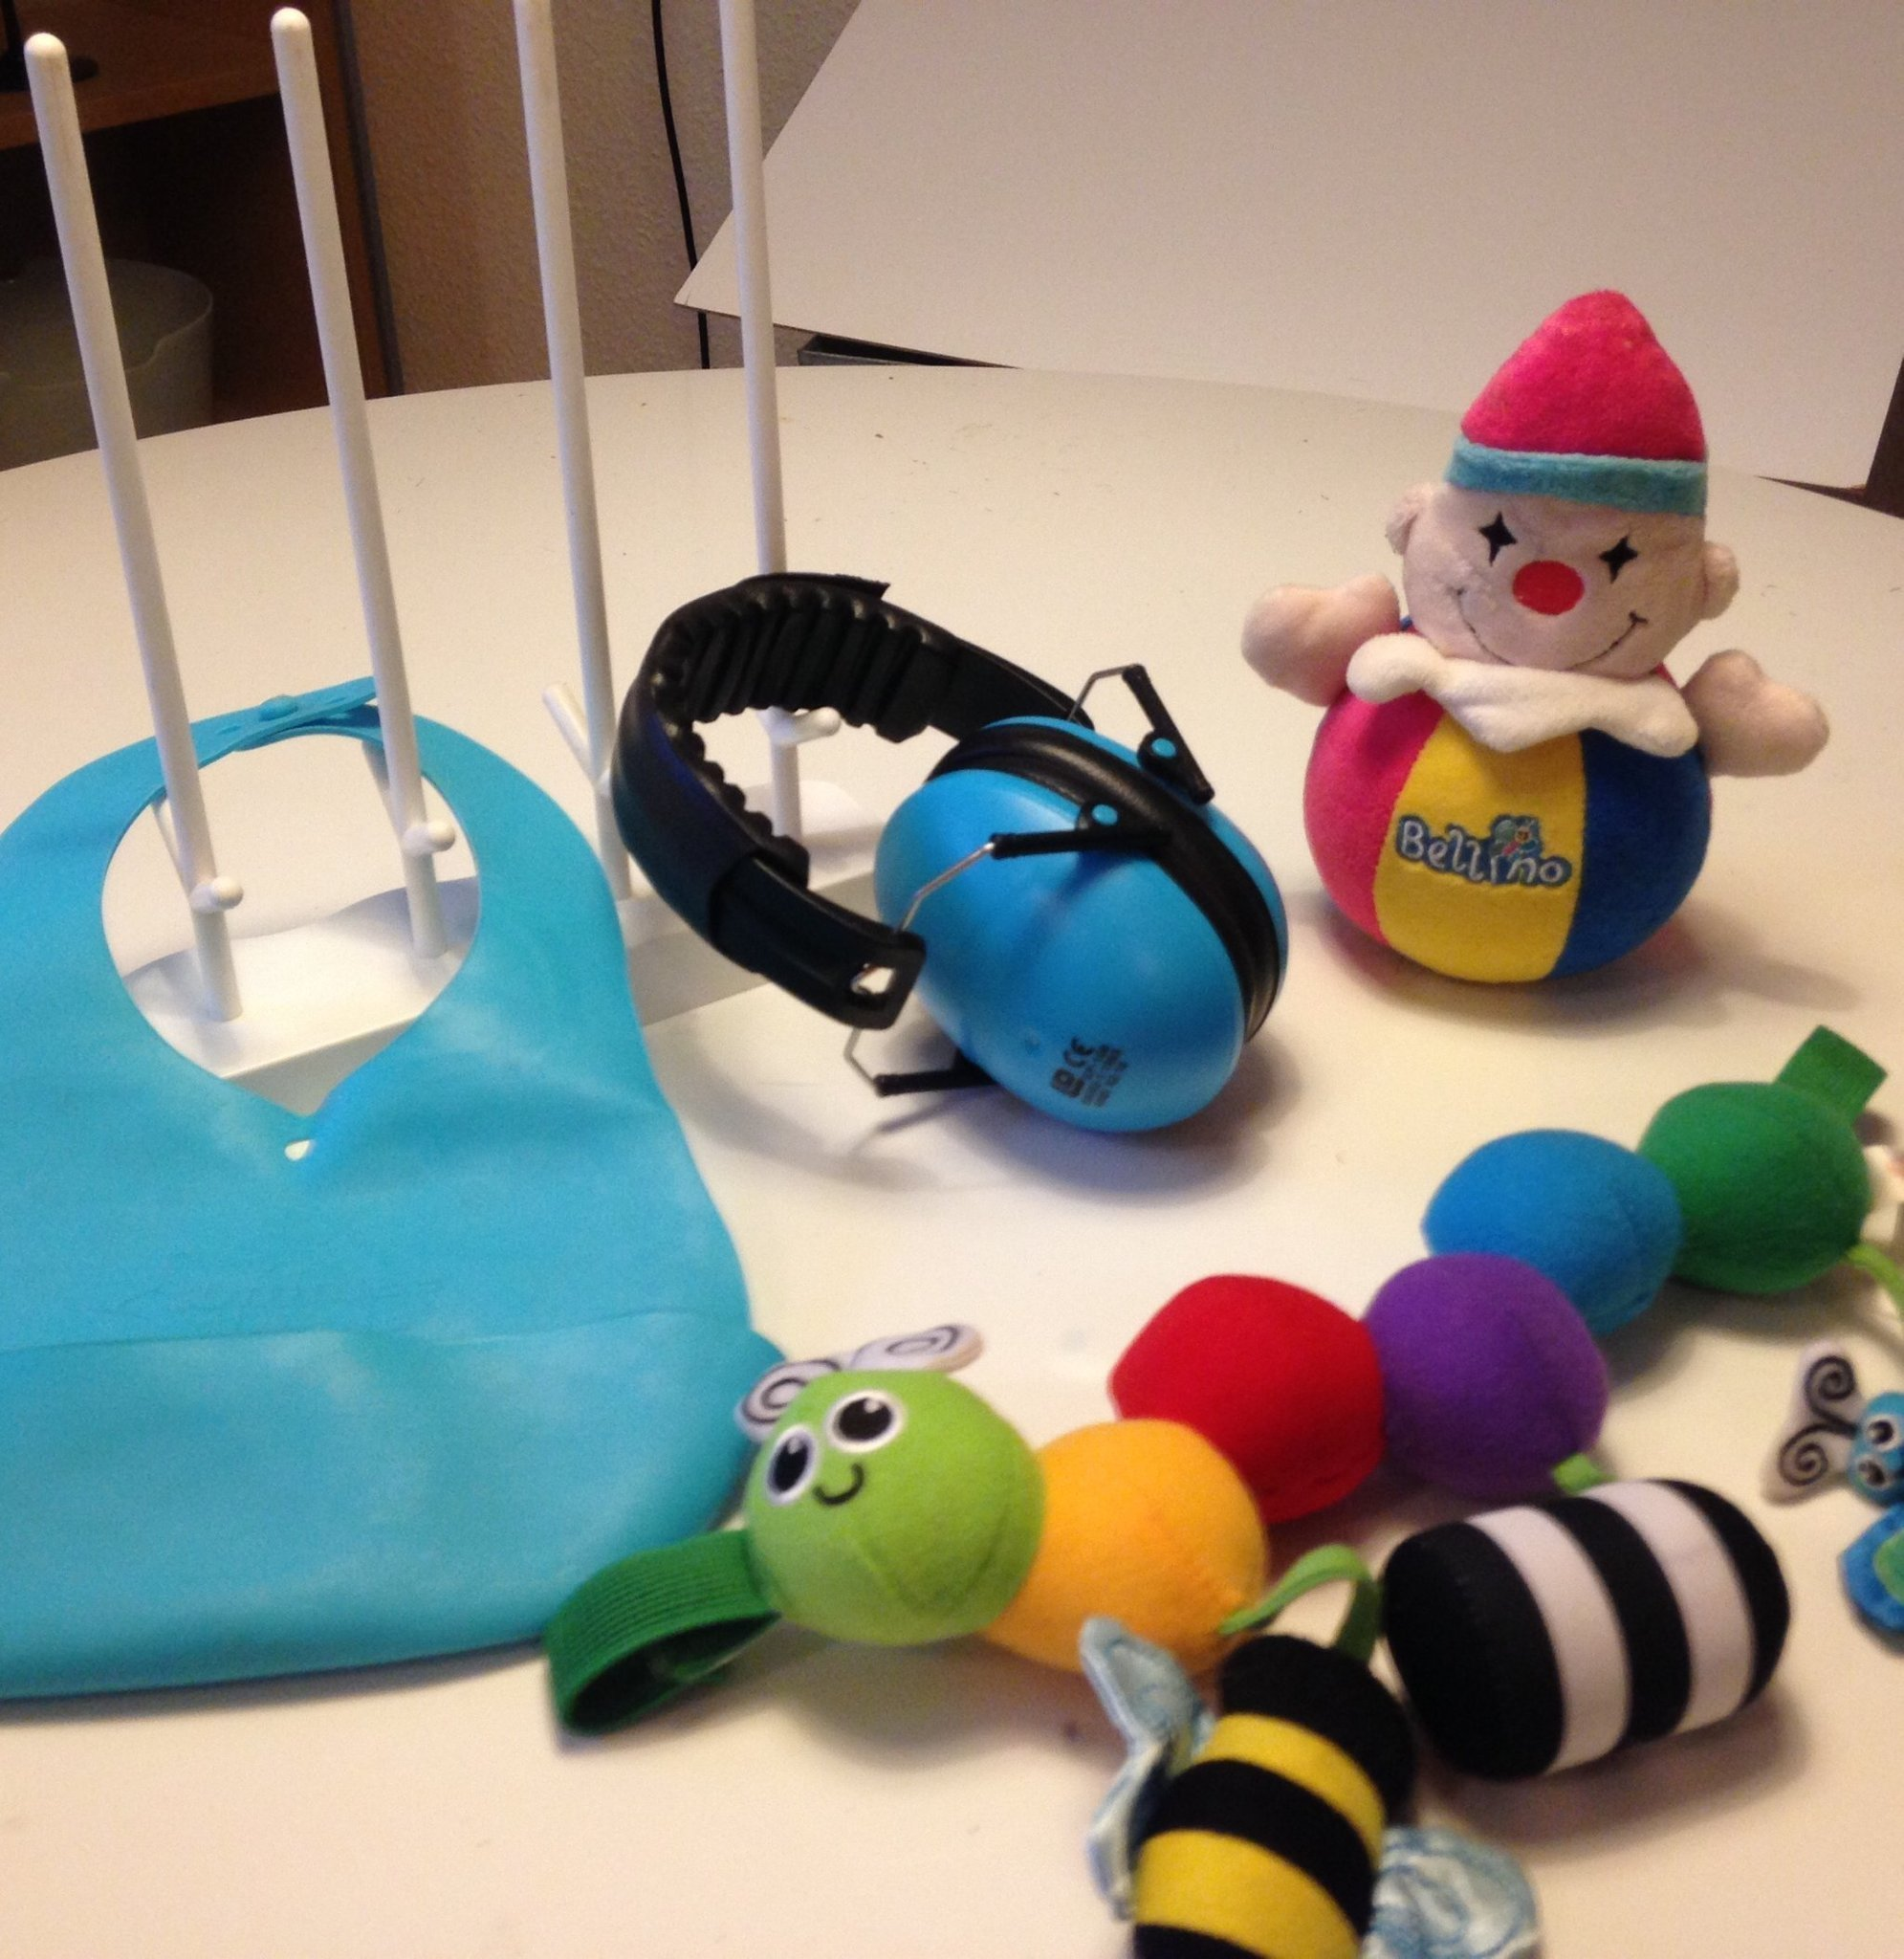 Baby 5 delar GymHörselskyddställ till NappflaskorclownSkallra. Kanon skick.